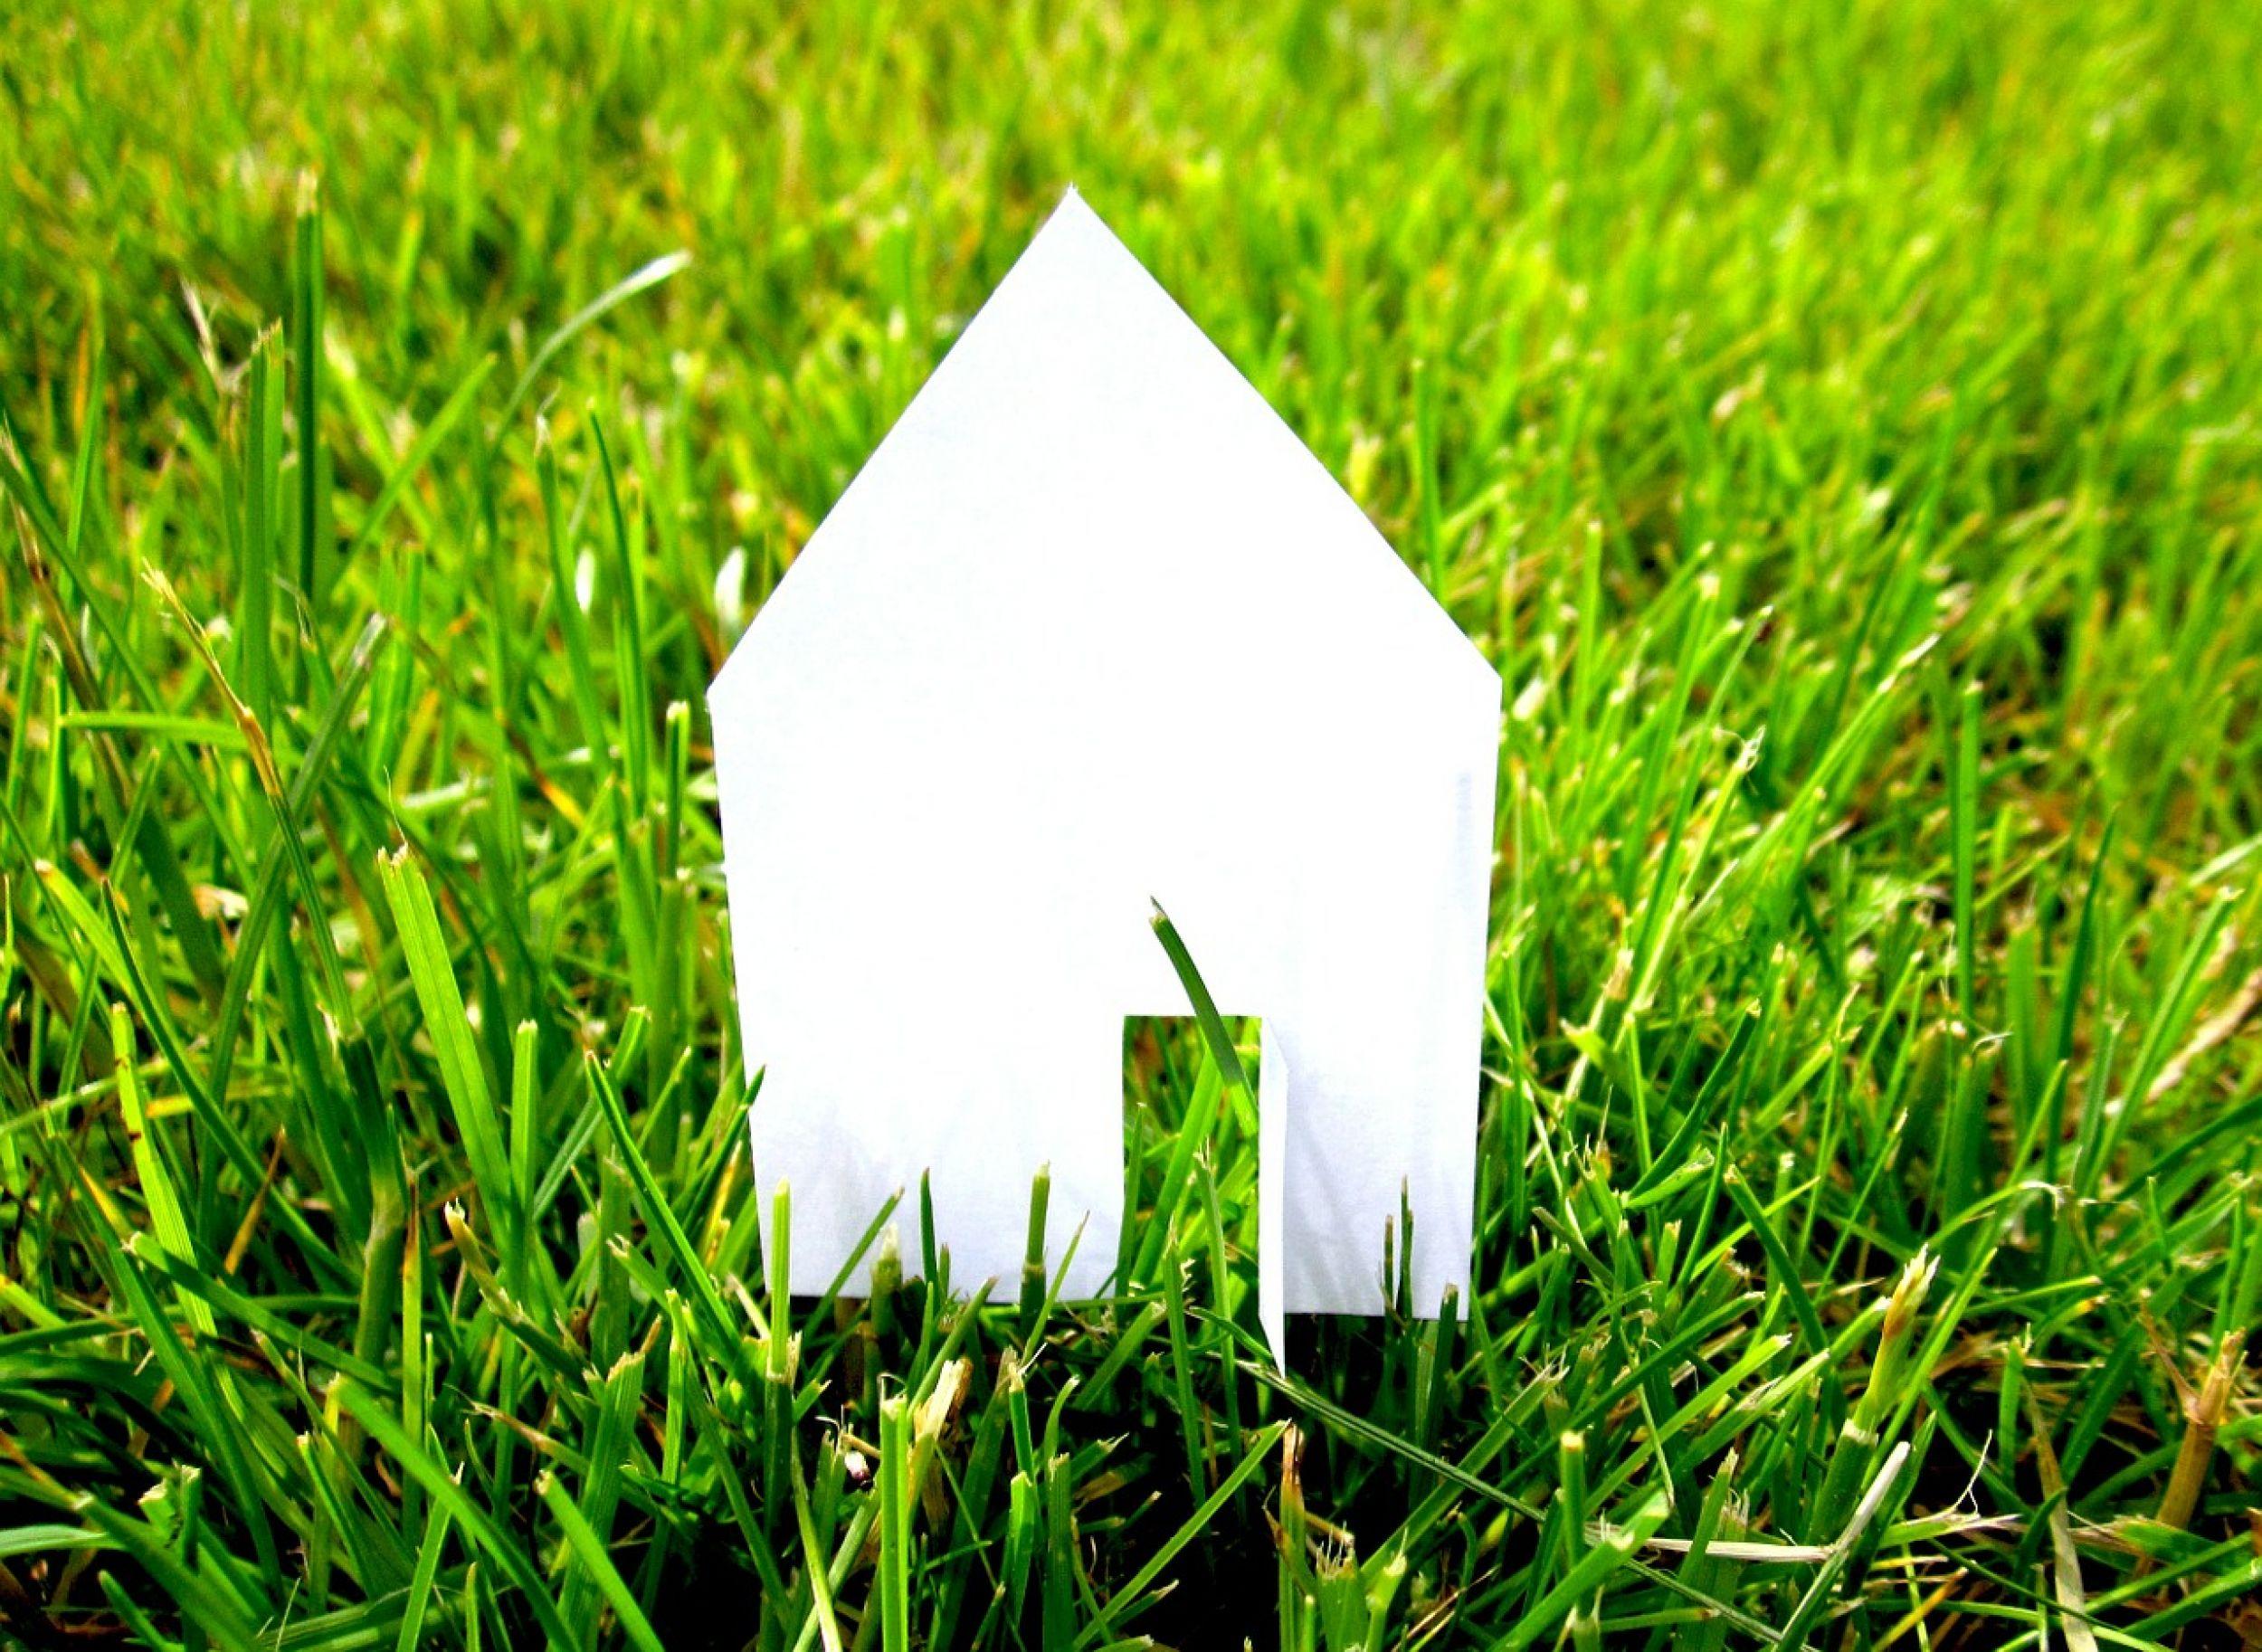 L Achat Terrain Maison Les Differents Contrats